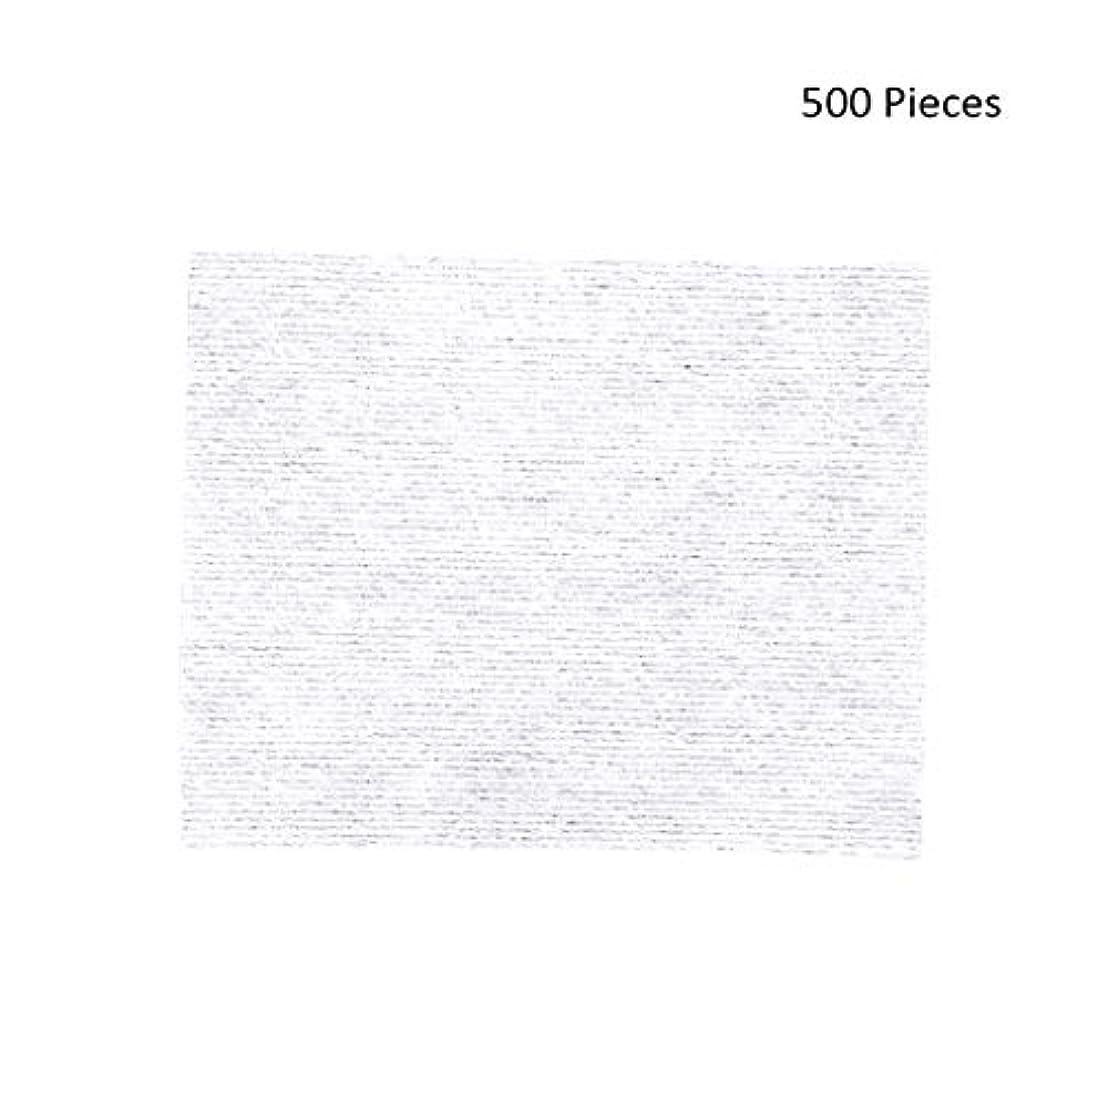 スイ周り太字クレンジングシート 500ピースフェイスメイクアップリムーバーメイクワイプコットンパッドメイクアップリムーバーパッドソフトパッド化粧品フェイスマスククレンジングケア 落ち水クレンジング シート モイスト (Color :...